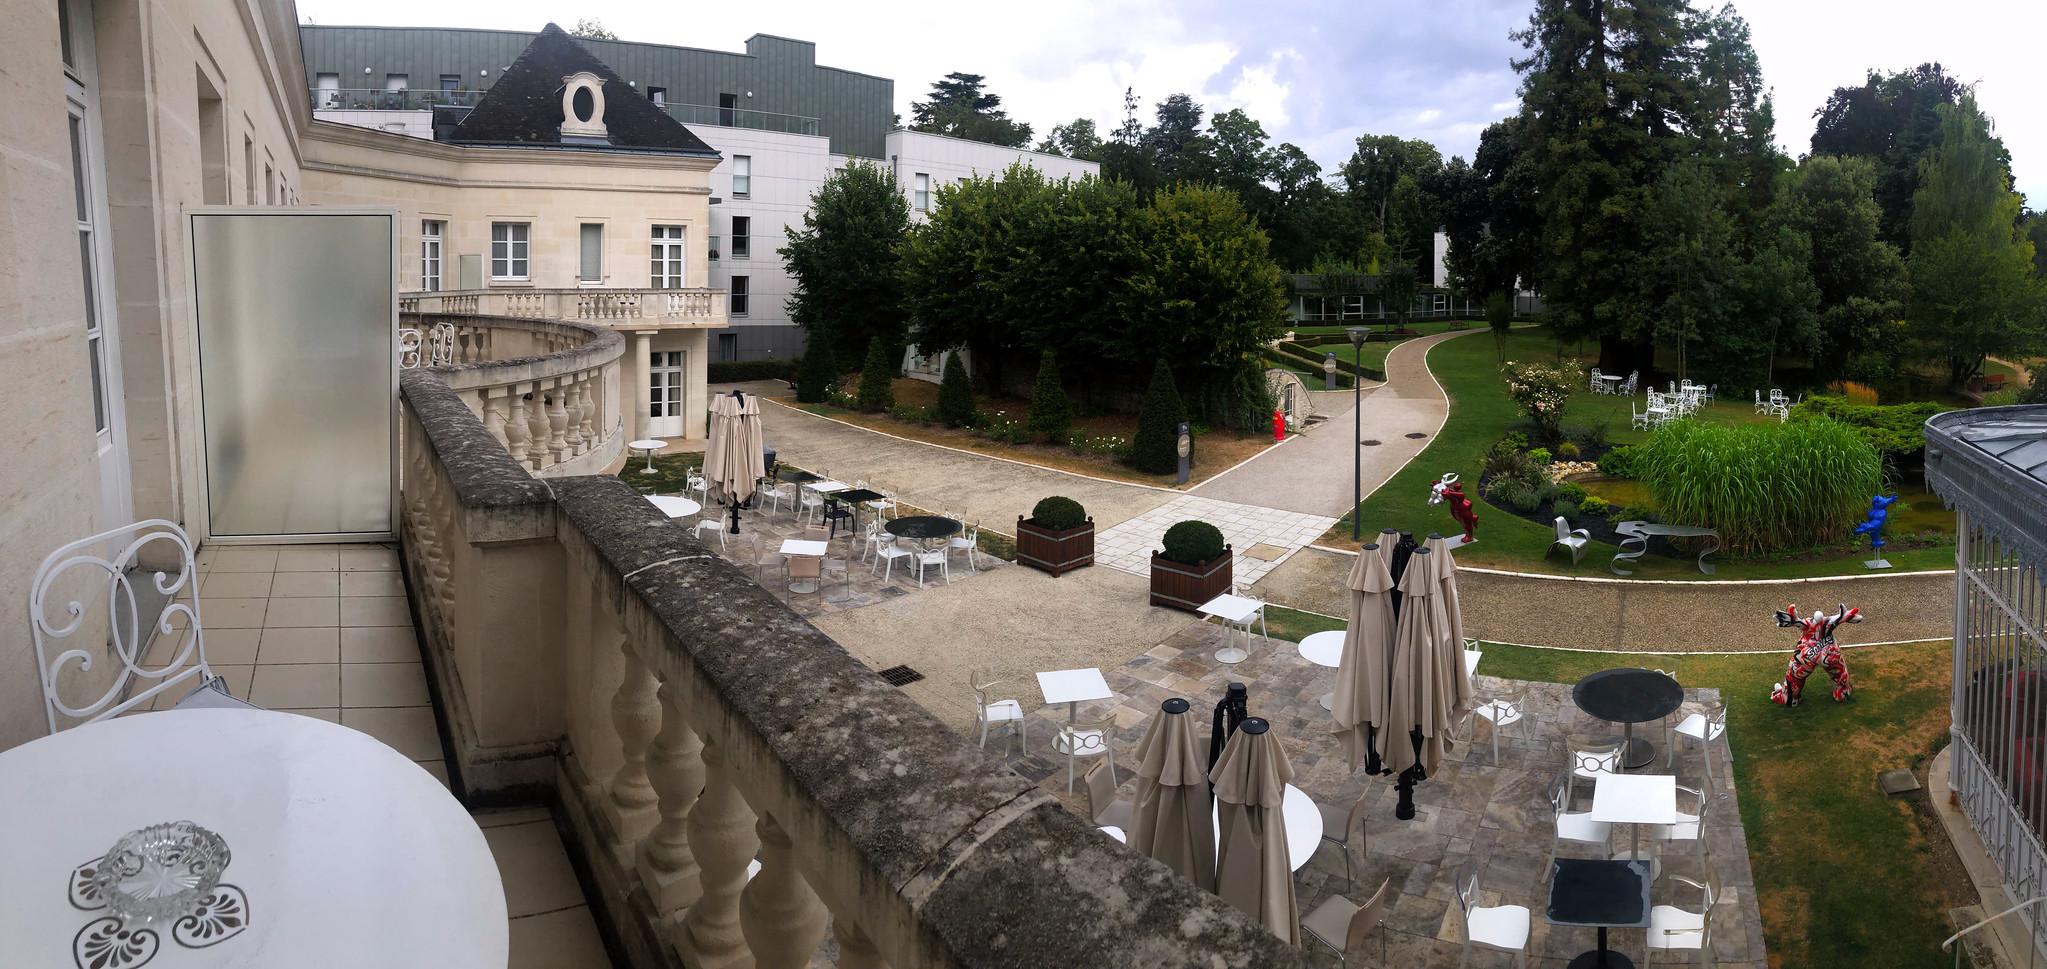 Valle del Loira en 2 días, Francia - Amboise, Tours, Chenonceau valle del loira en 2 días - 48643796106 18bf9497d3 k - Valle del Loira en 2 días